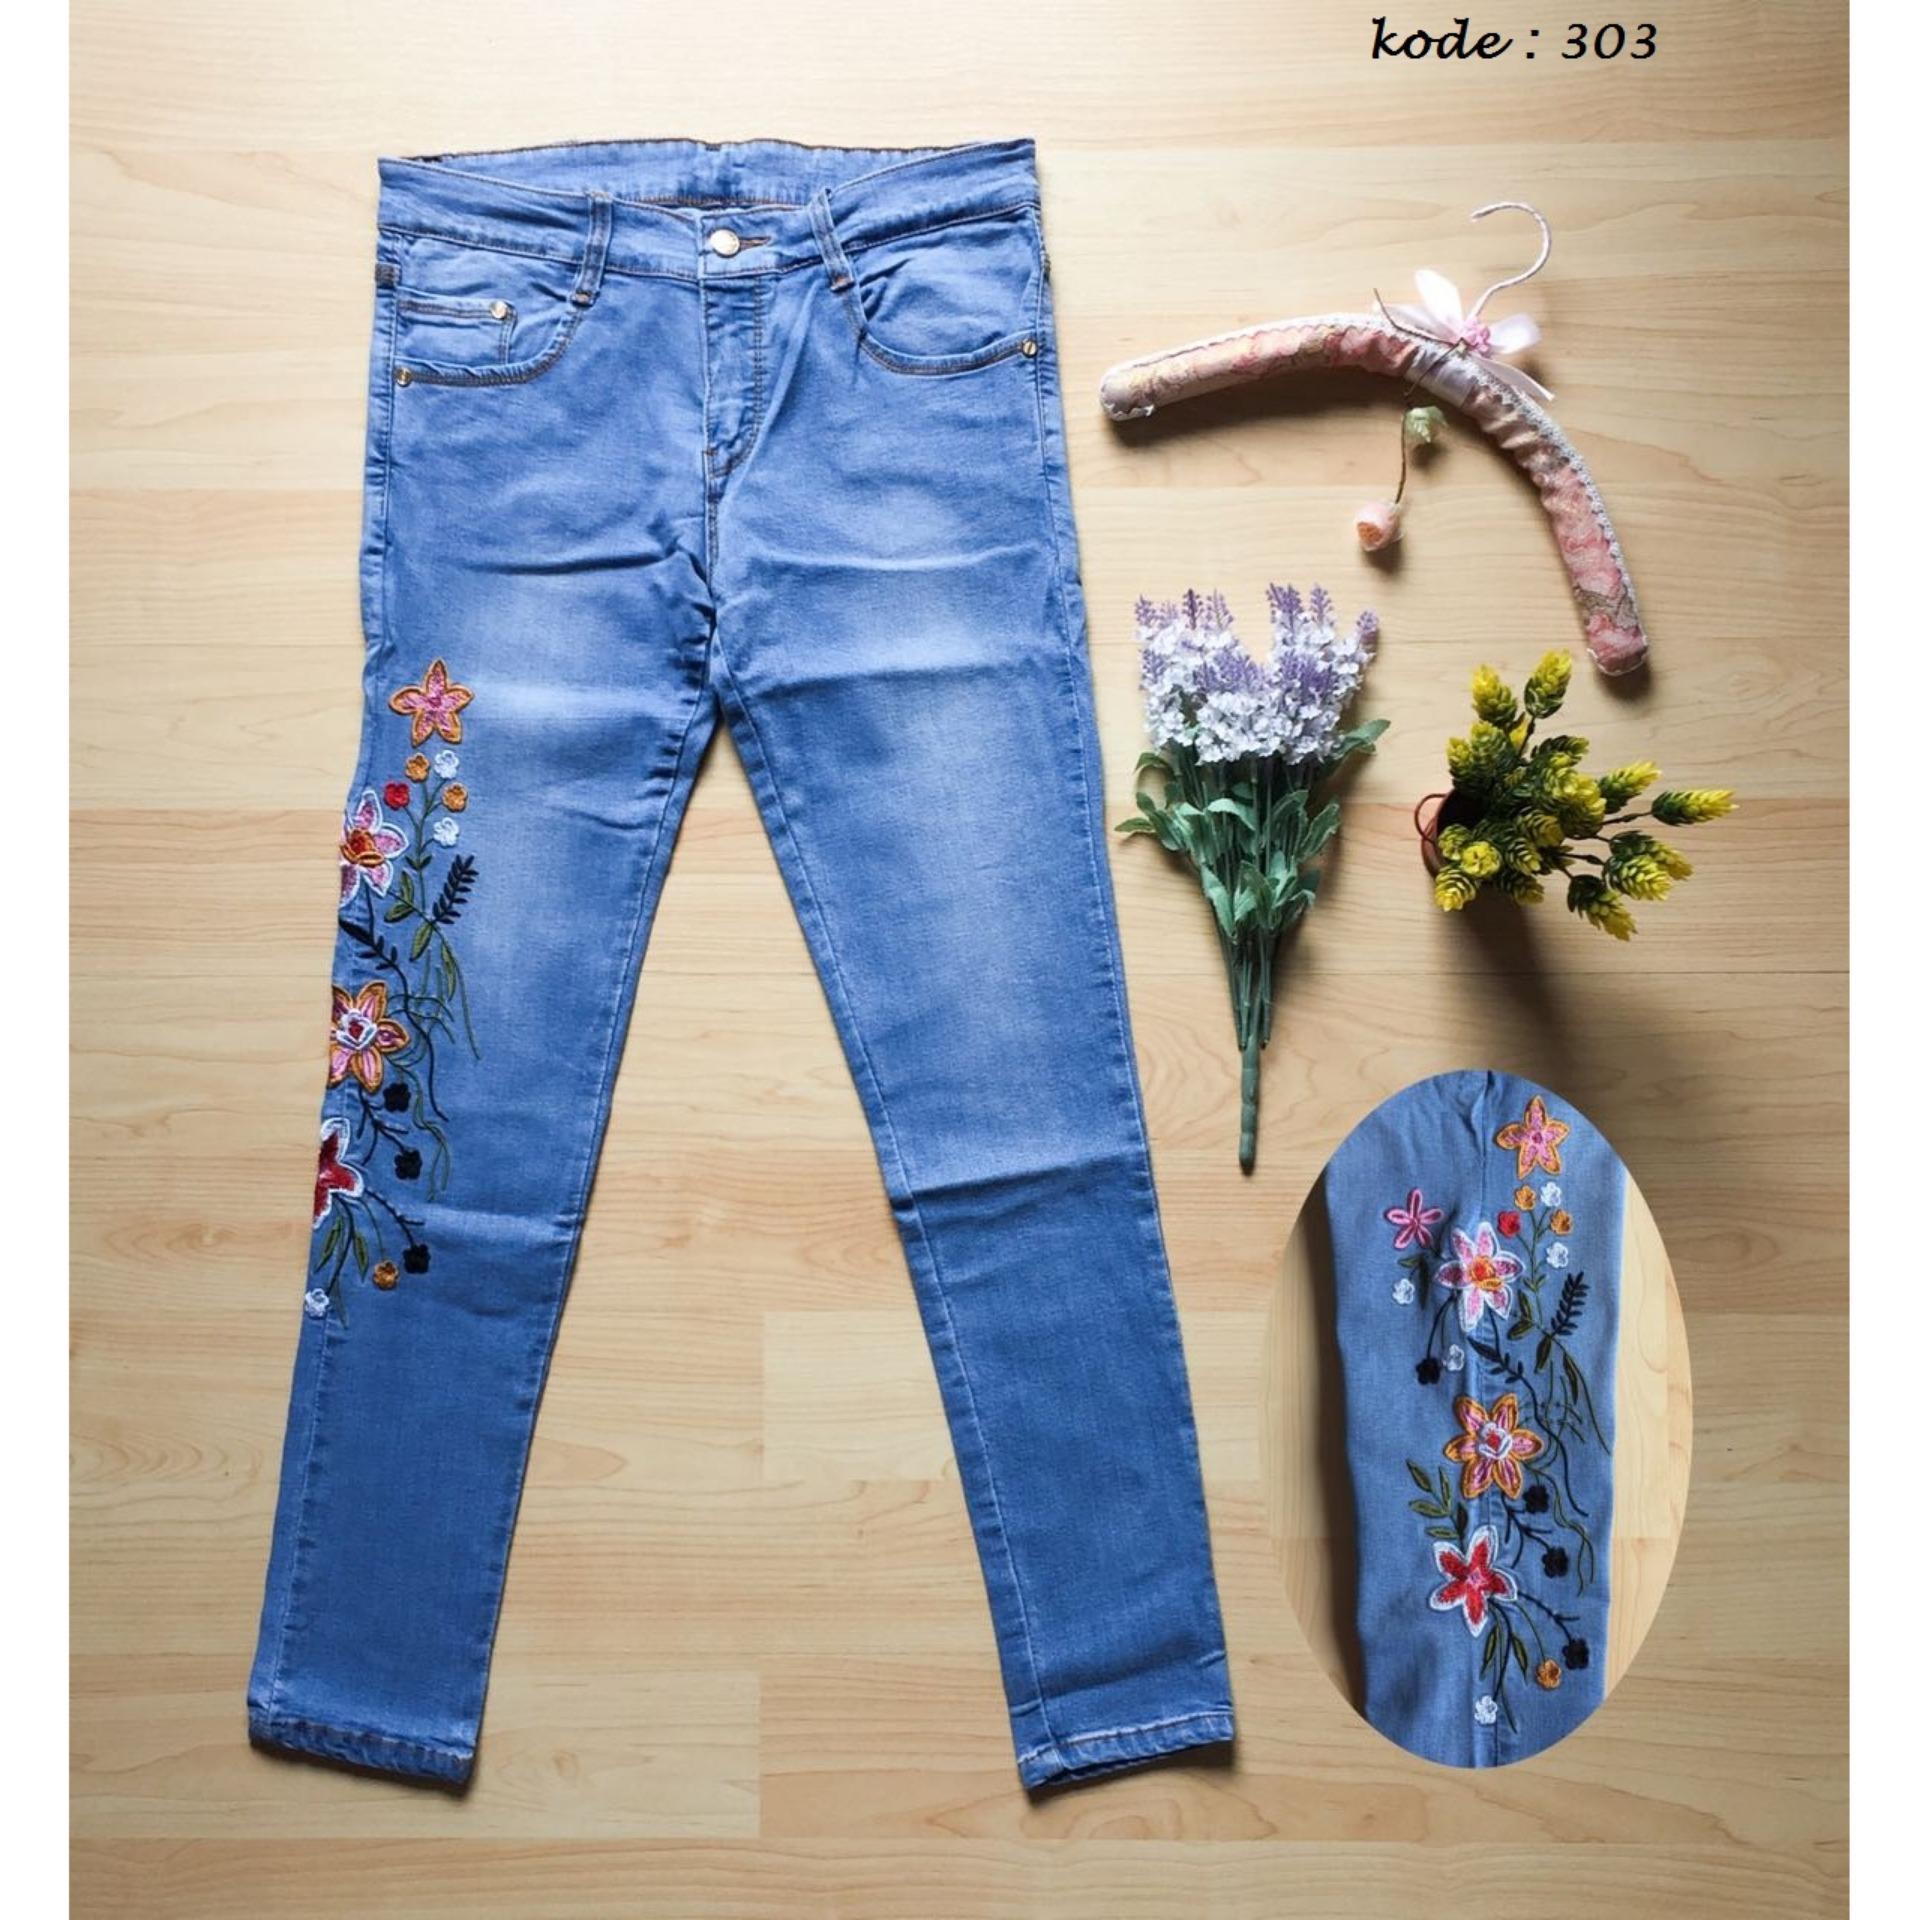 Harga Lolile Celana Jeans Bordir Bunga 303 Size Besar 31 34 Lainnya Original